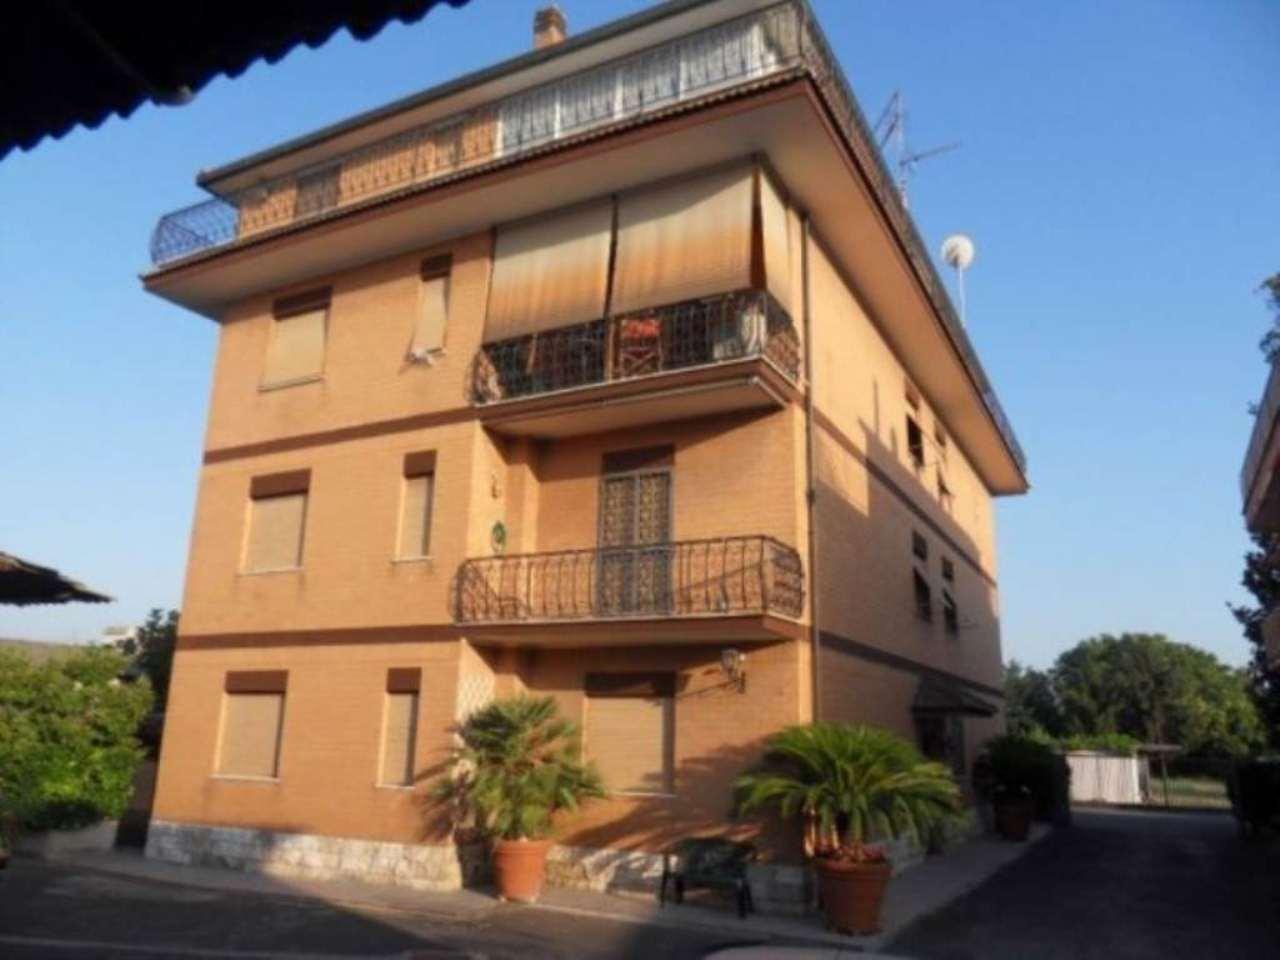 Palazzo / Stabile in vendita a Roma, 6 locali, zona Zona: 8 . Tiburtina, Colli Aniene, Pietrasanta, San Basilio, prezzo € 1.040.000 | Cambio Casa.it